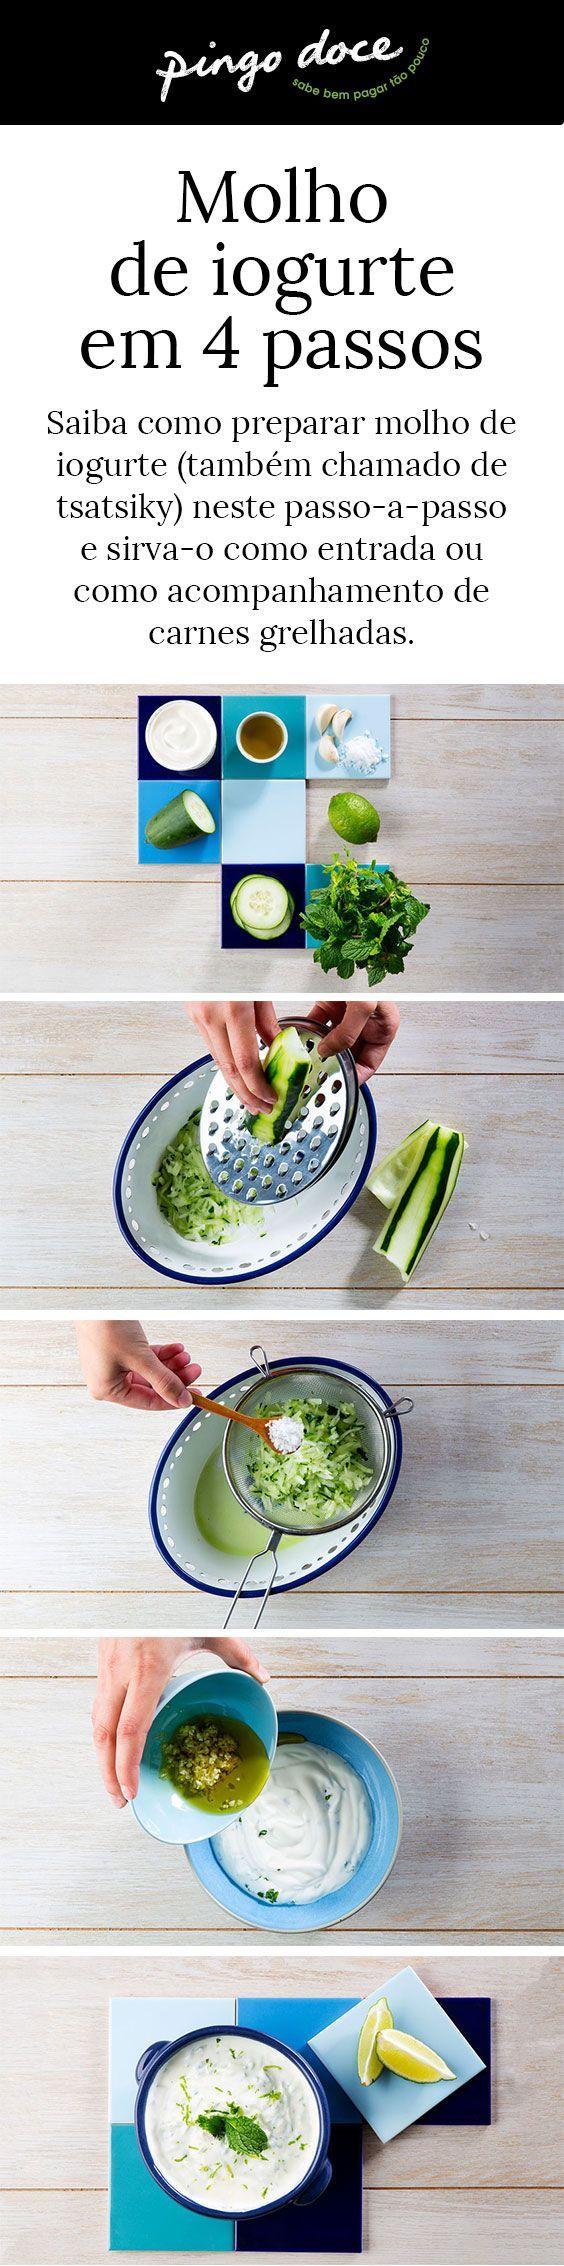 Muito versátil, o molho de iogurte é mais fácil de fazer do que pensa. Dizemos-lhe como neste passo-a-passo.